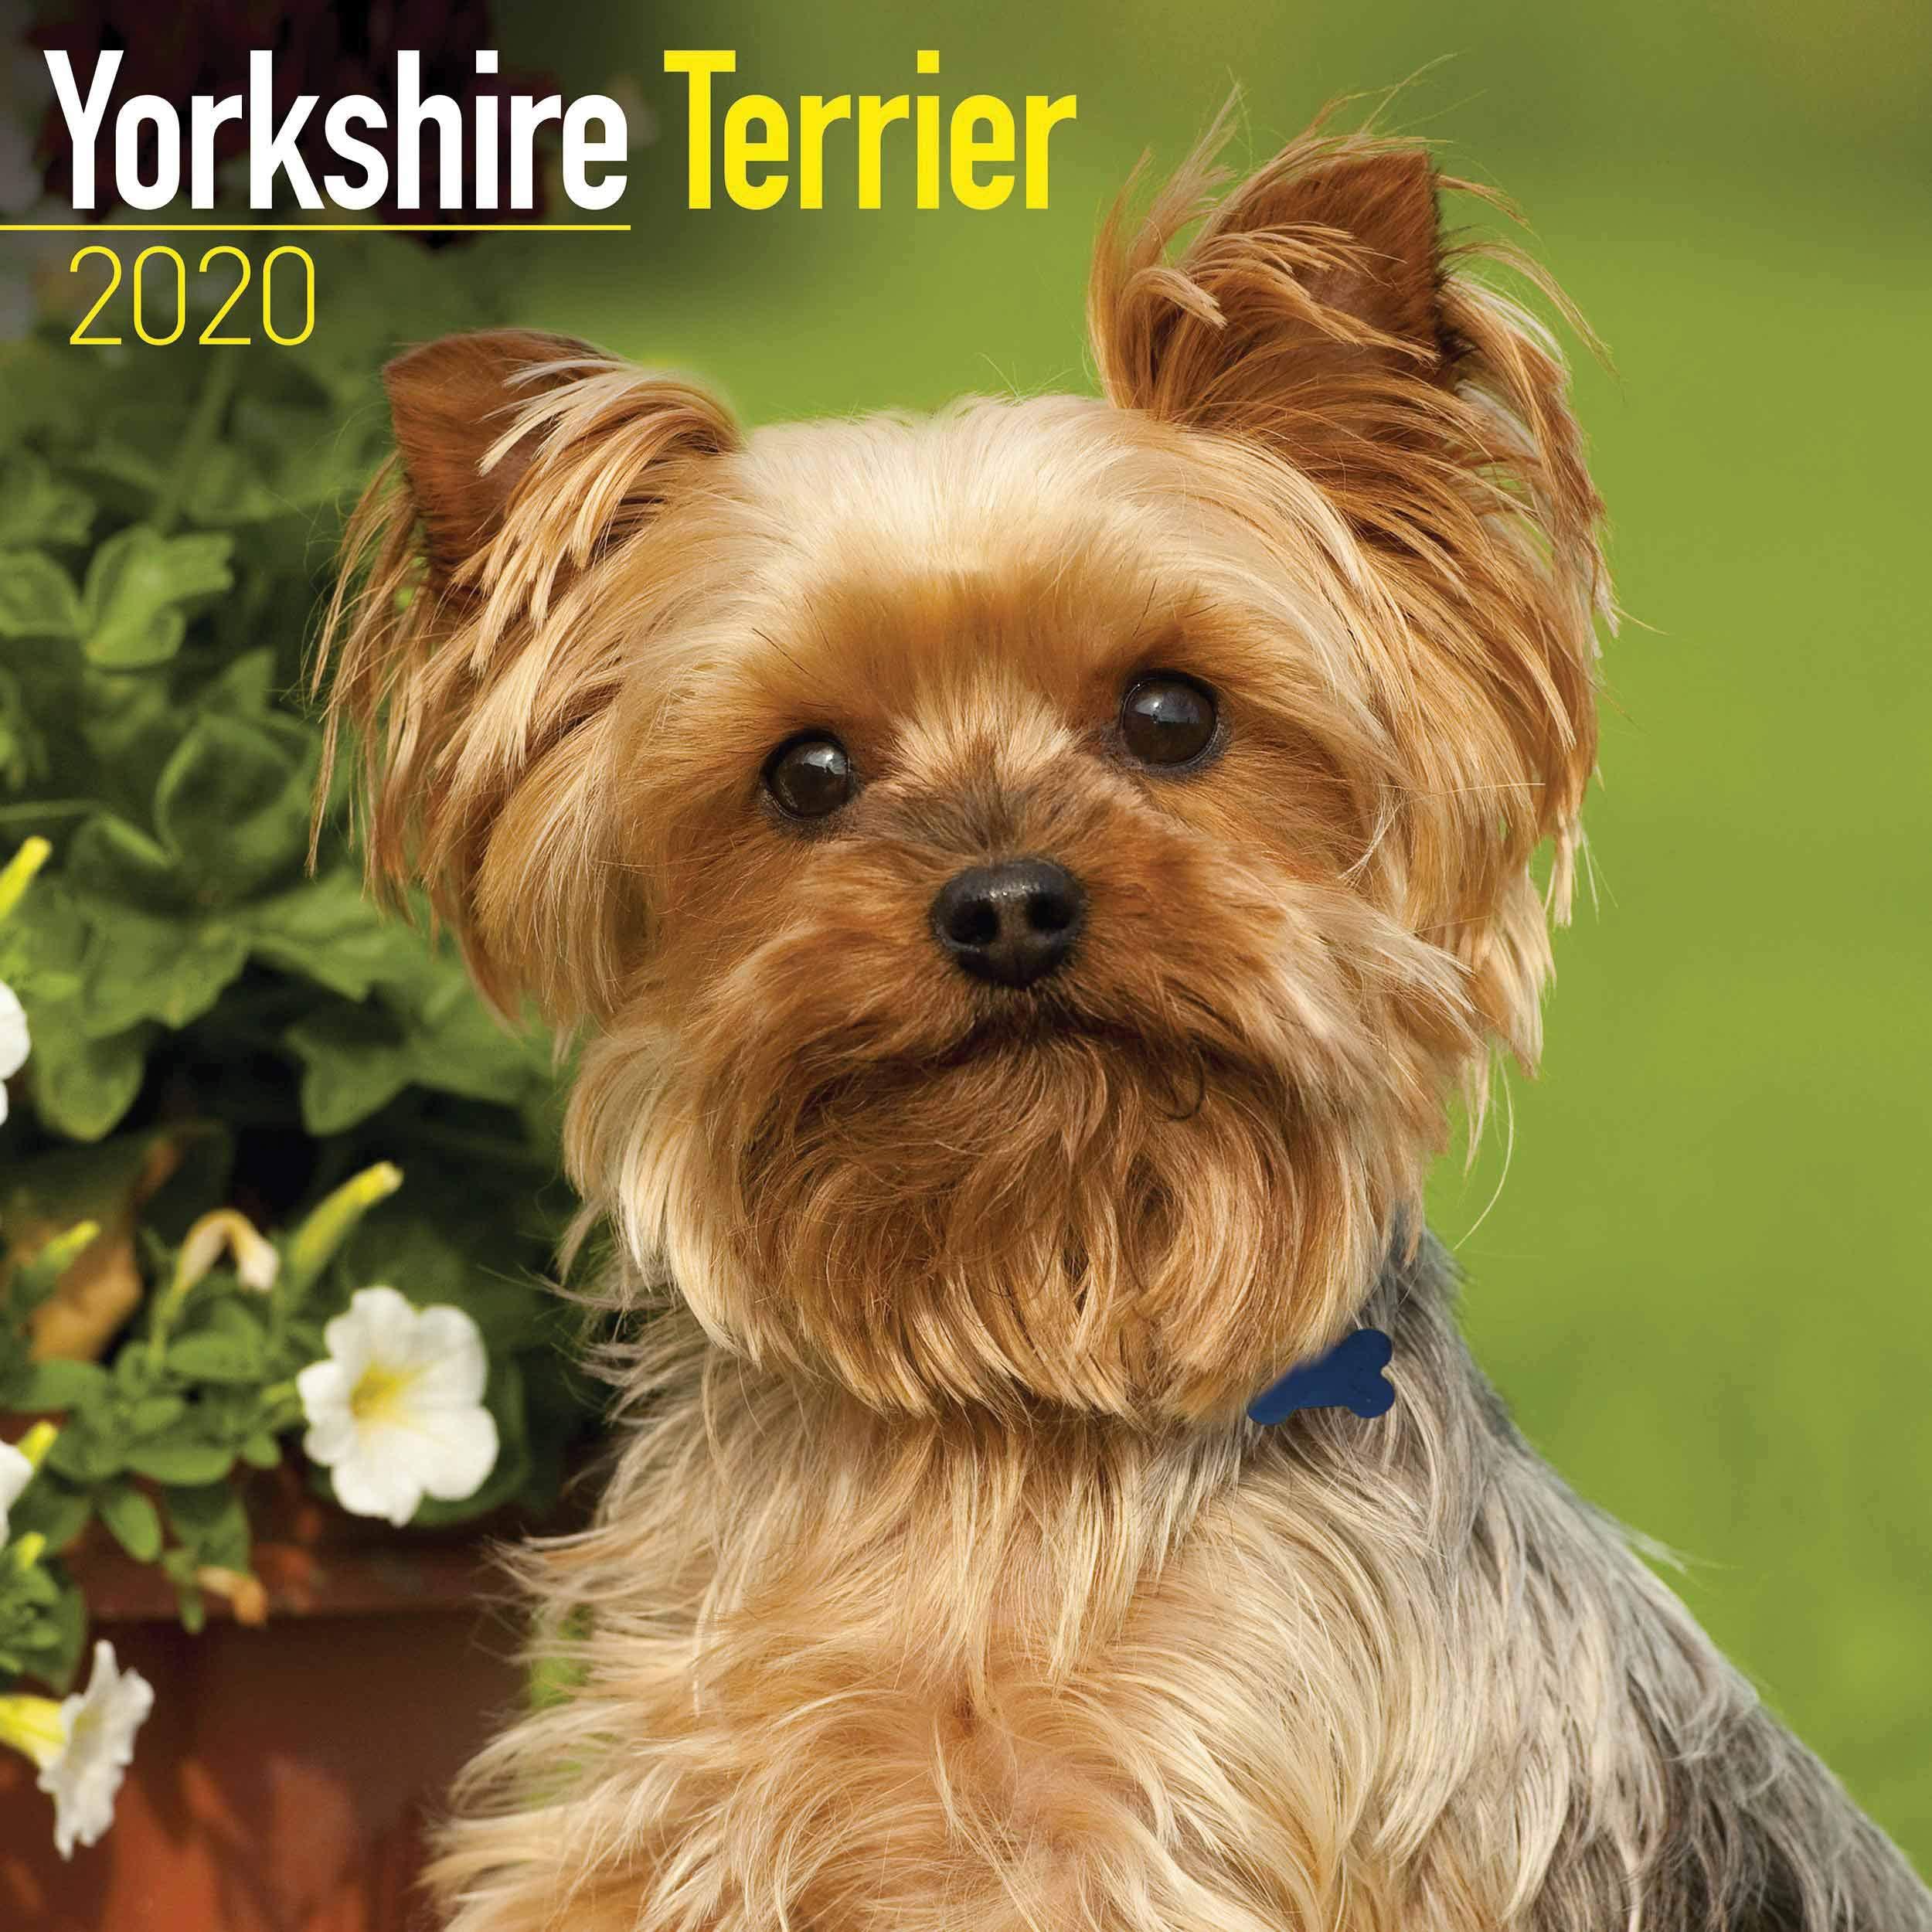 Yorkshire Terrier Calendar 2020 Amazon Co Uk Avonside Publishing Ltd Books